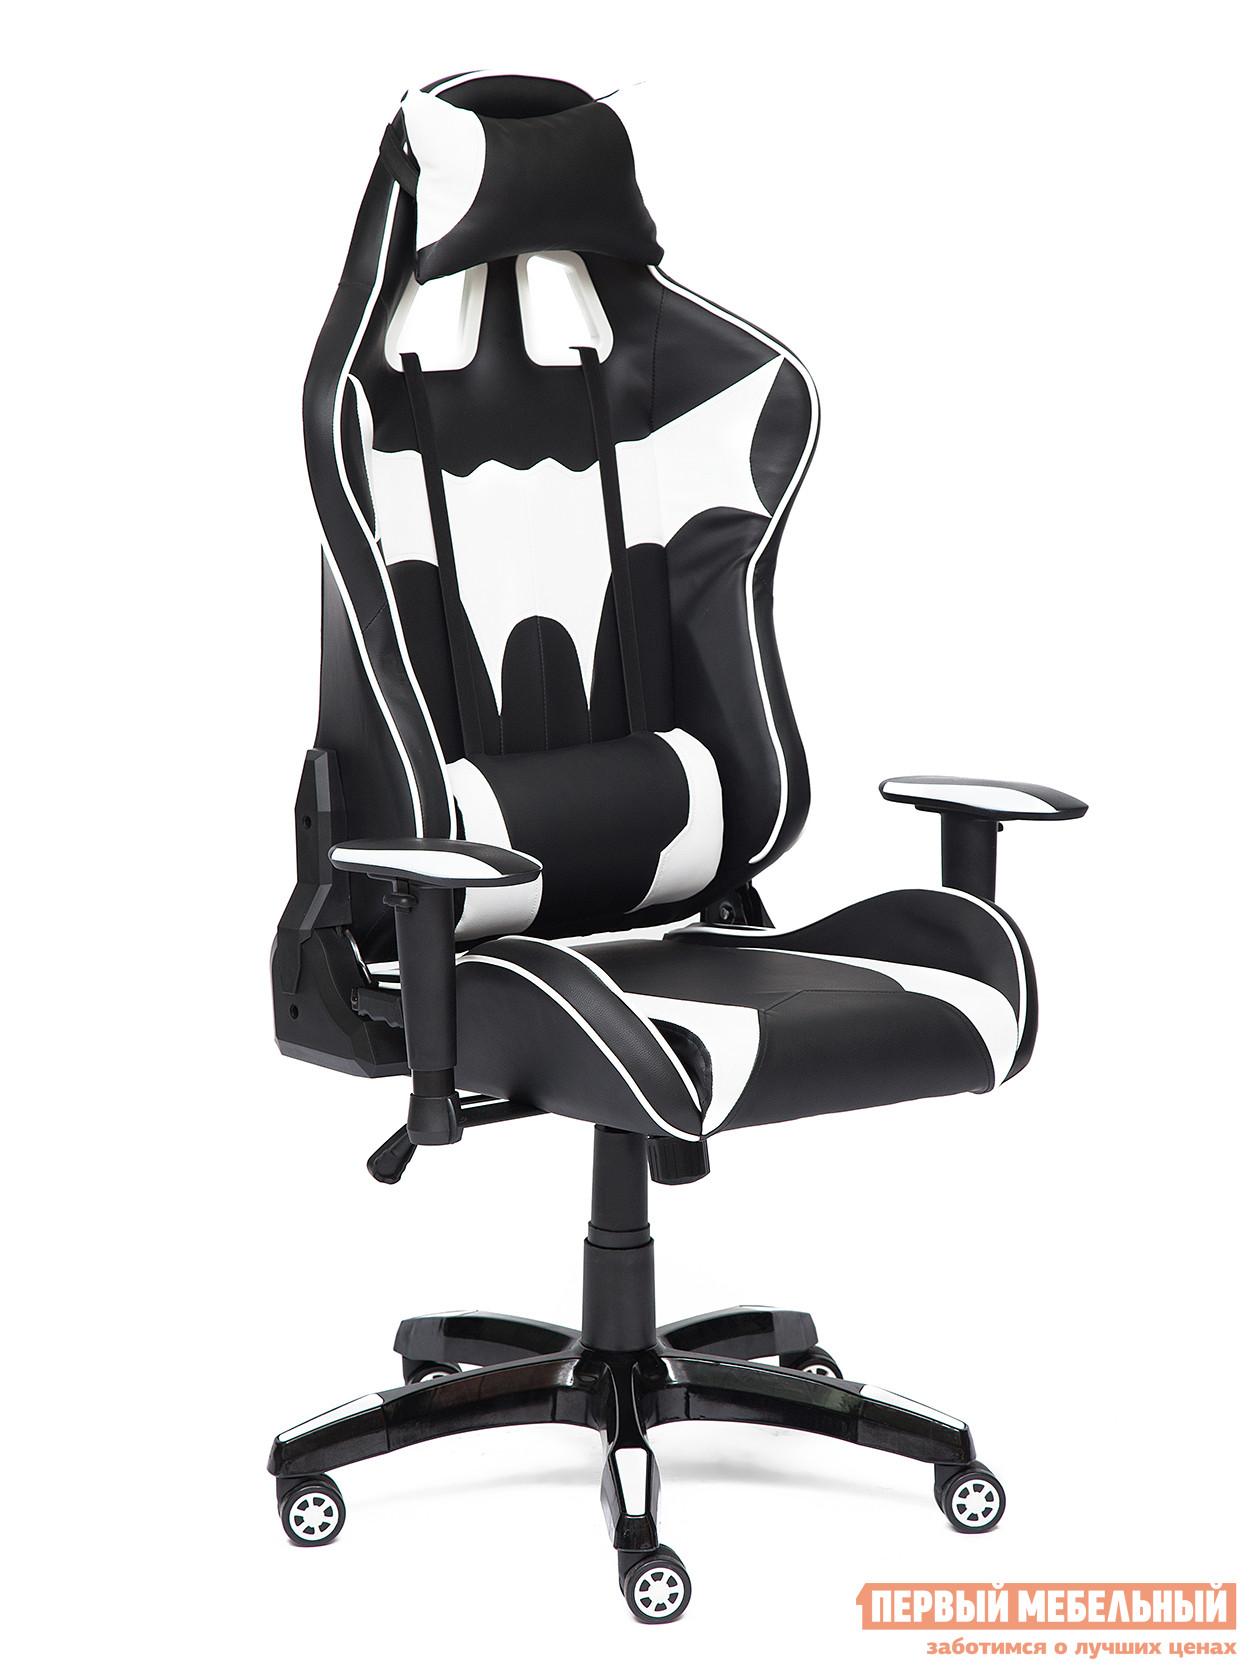 Игровое кресло Tetchair iBat Иск.кожа черная / Белая от Купистол